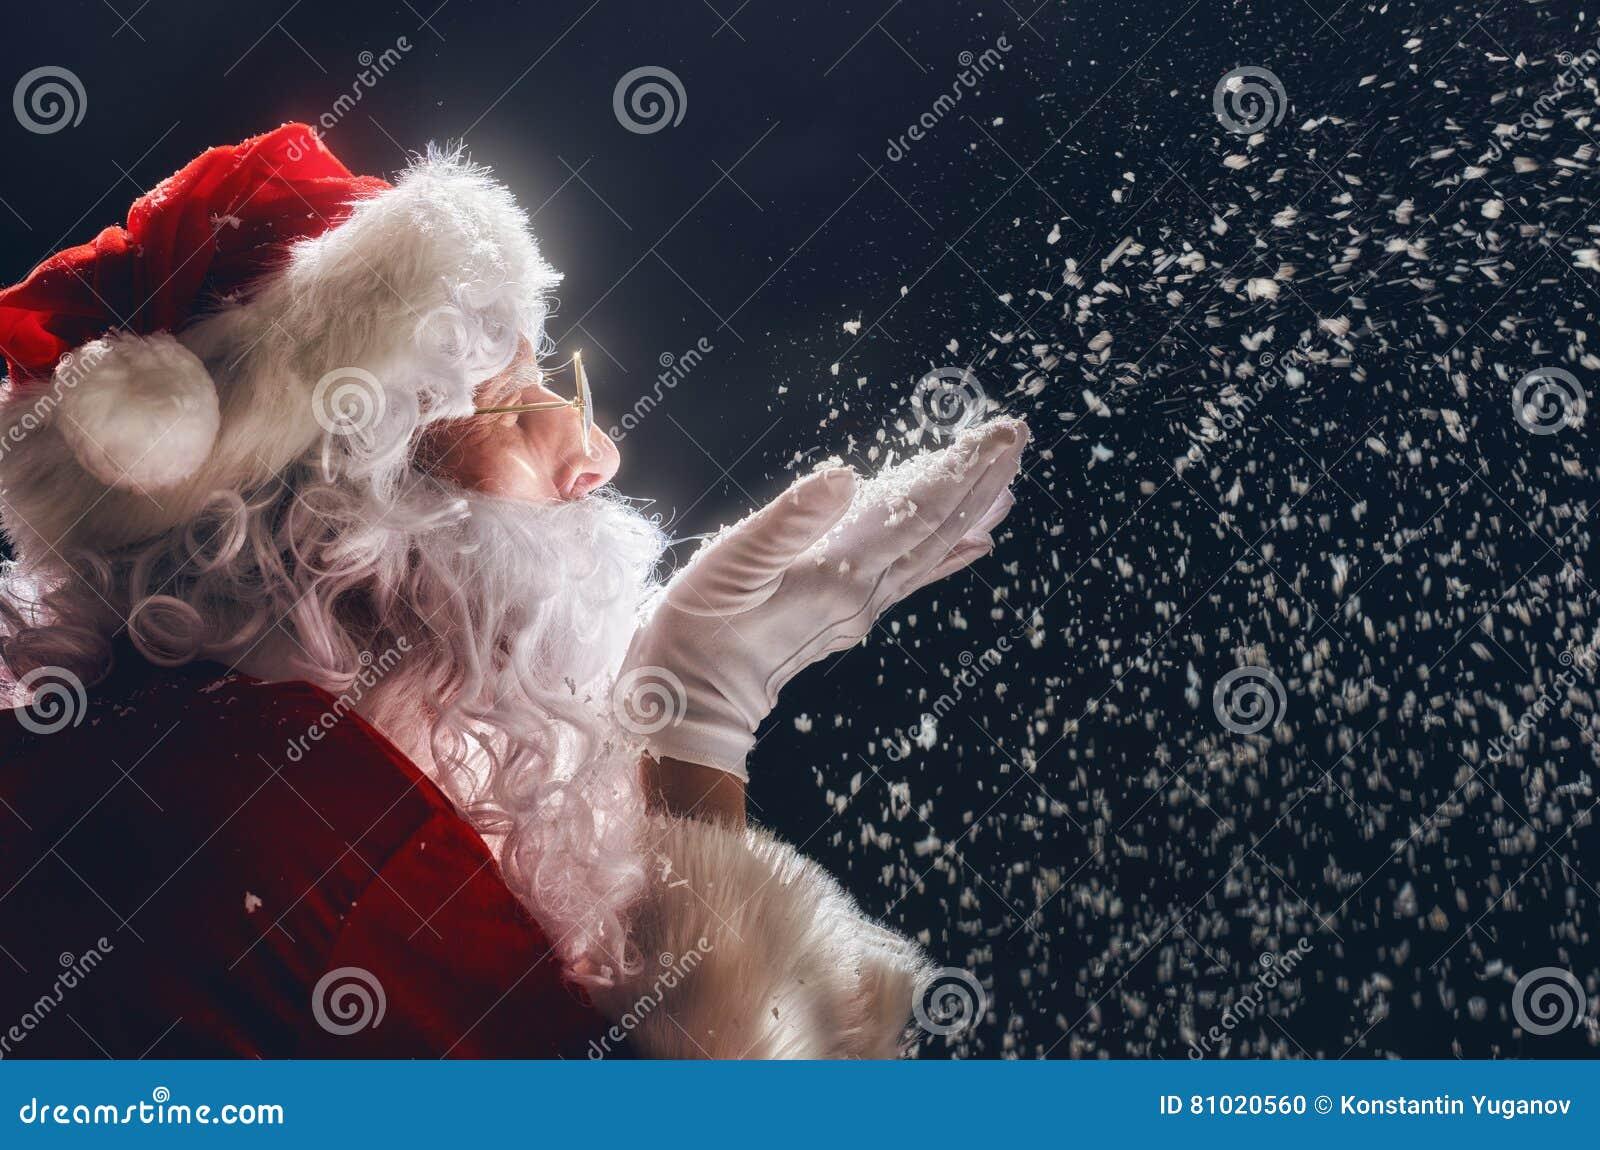 Santa Claus sopla nieve foto de archivo. Imagen de magia - 81020560 3825bf673c0